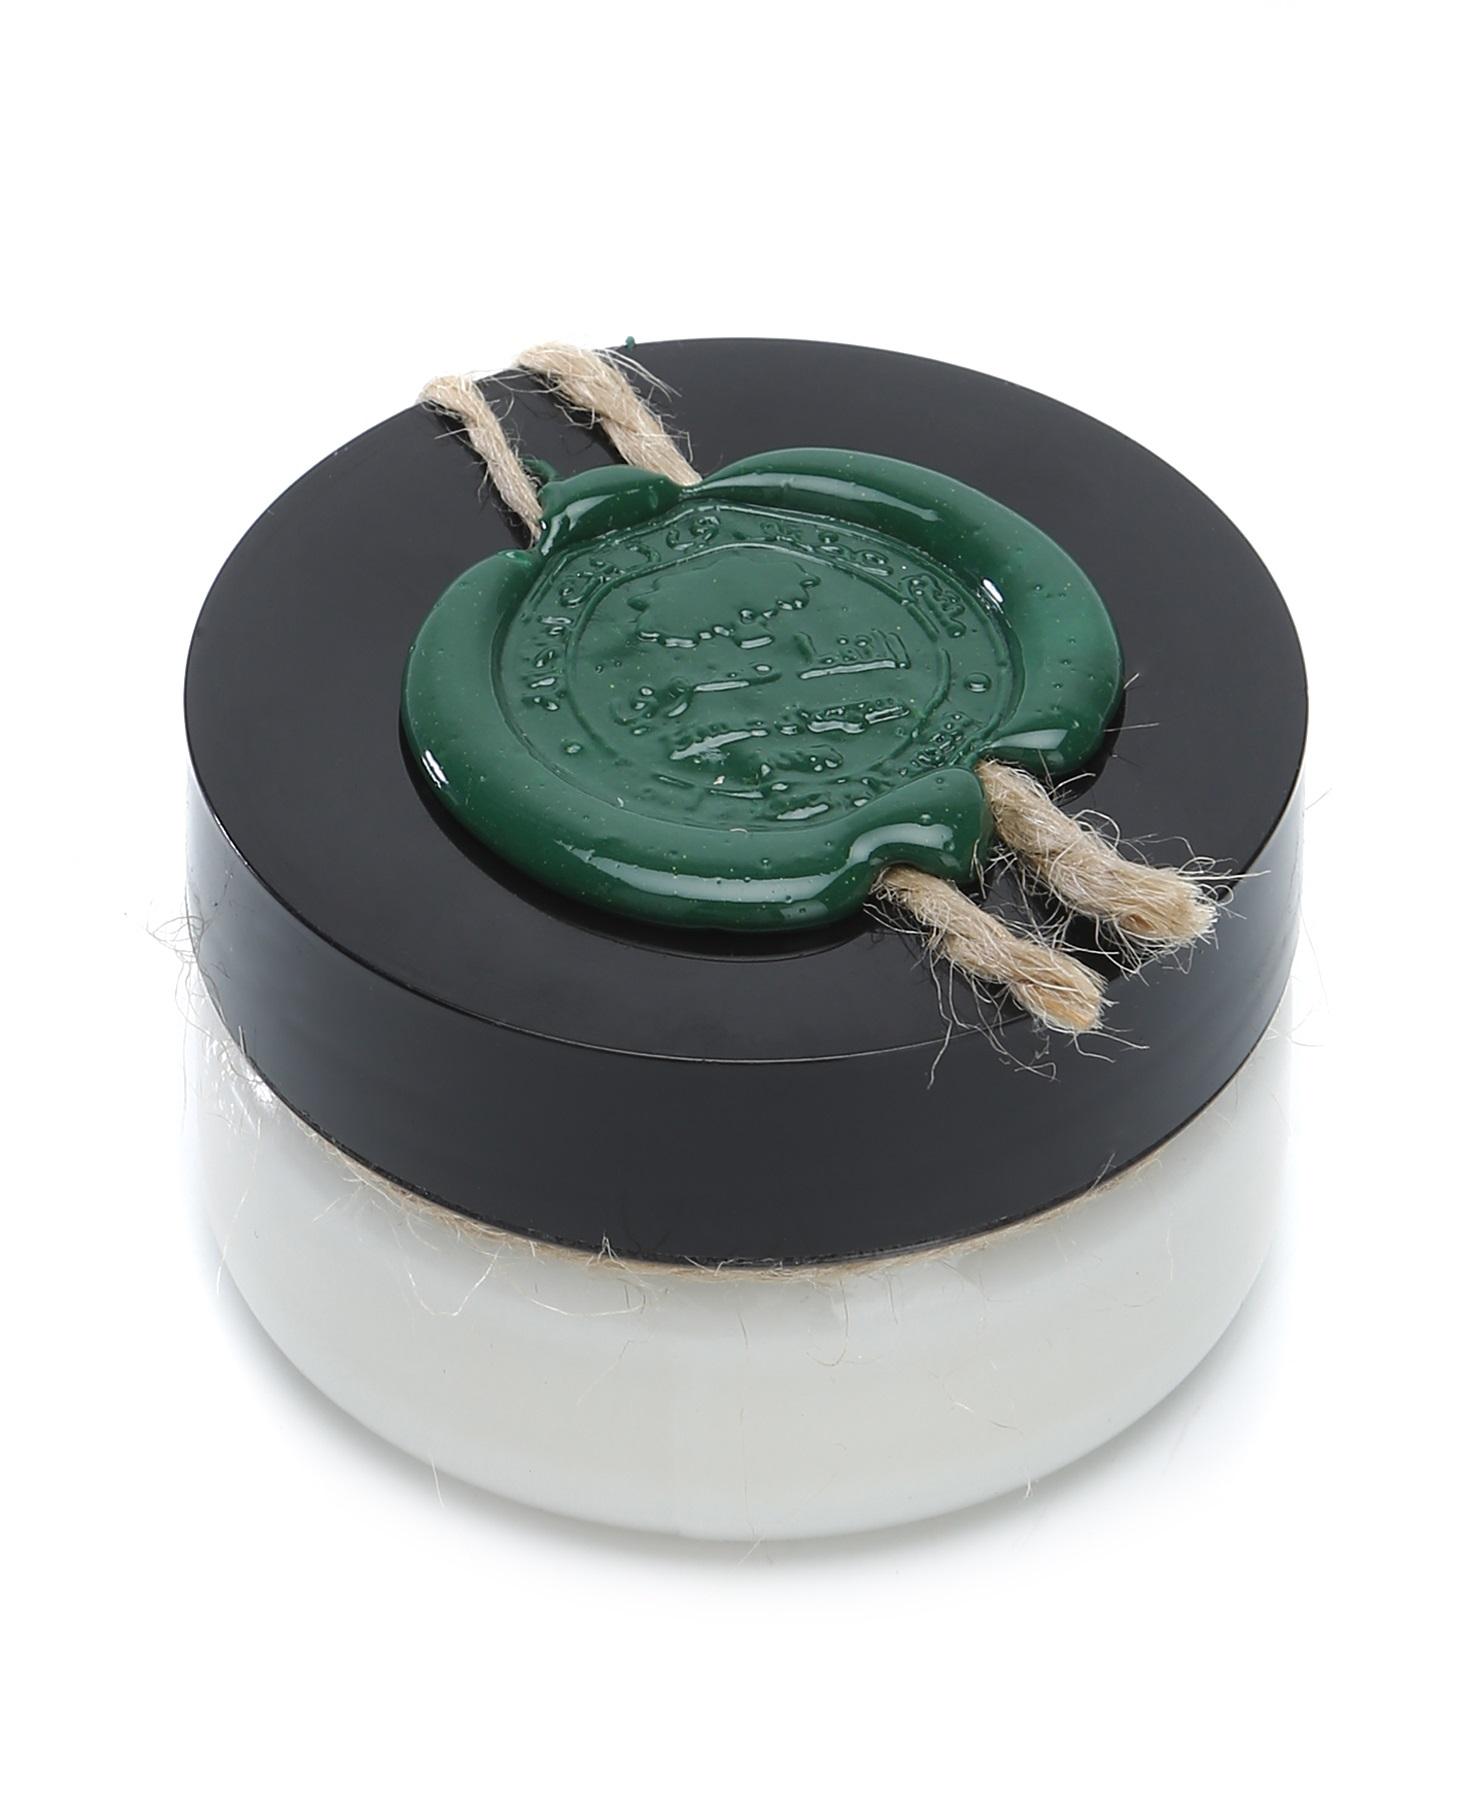 Huilargan Алоэ вера масло, 100% органическое, 50 гFS-00897Алоэ вера издревле известен своими бактерицидными, регенерирующими, увлажняющими и омолаживающими свойствами: ? хорошо увлажняет и помогает быстро устранить сухость кожи, вызванную экземой, псориазом, розацеей, солнечными ожогами, обветриванием; ? питает, смягчает, успокаивает кожу; ? освежает и омолаживает кожу; ? способствует заживлению и восстановлению кожного покрова; ? помогает при акне, ожогах, порезах, ссадинах; ? сглаживает неровности и повышает эластичность кожи; ? регенерирует; ? снимает зуд при укусах насекомых и аллергиях; ? устраняет проявления псориаза. Показания к применению: ? сухая, утомленная, не эластичная кожа; ? зрелая, возрастная кожа; ? поврежденная кожа.Применение: ? в чистом виде или в смеси с другими растительными и эфирным маслами; ? для ежедневного ухода за лицом и телом; ? в качестве хорошей основы для приготовления кремов, молочка, сливок, сывороток и других косметических средств; ? замечательное массажное масло; Противопоказания: возможна индивидуальная непереносимость органического масла.